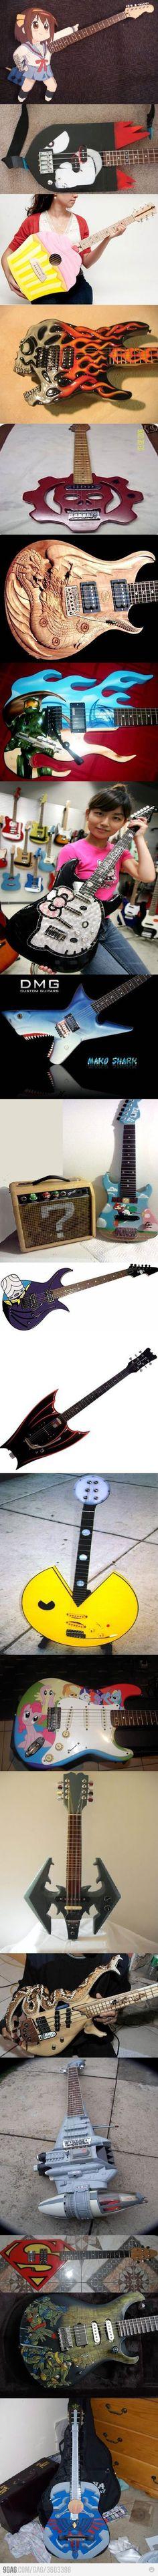 Érase una vez un conjunto de guitarras que me gustaría tener en mis manos!.. WAO